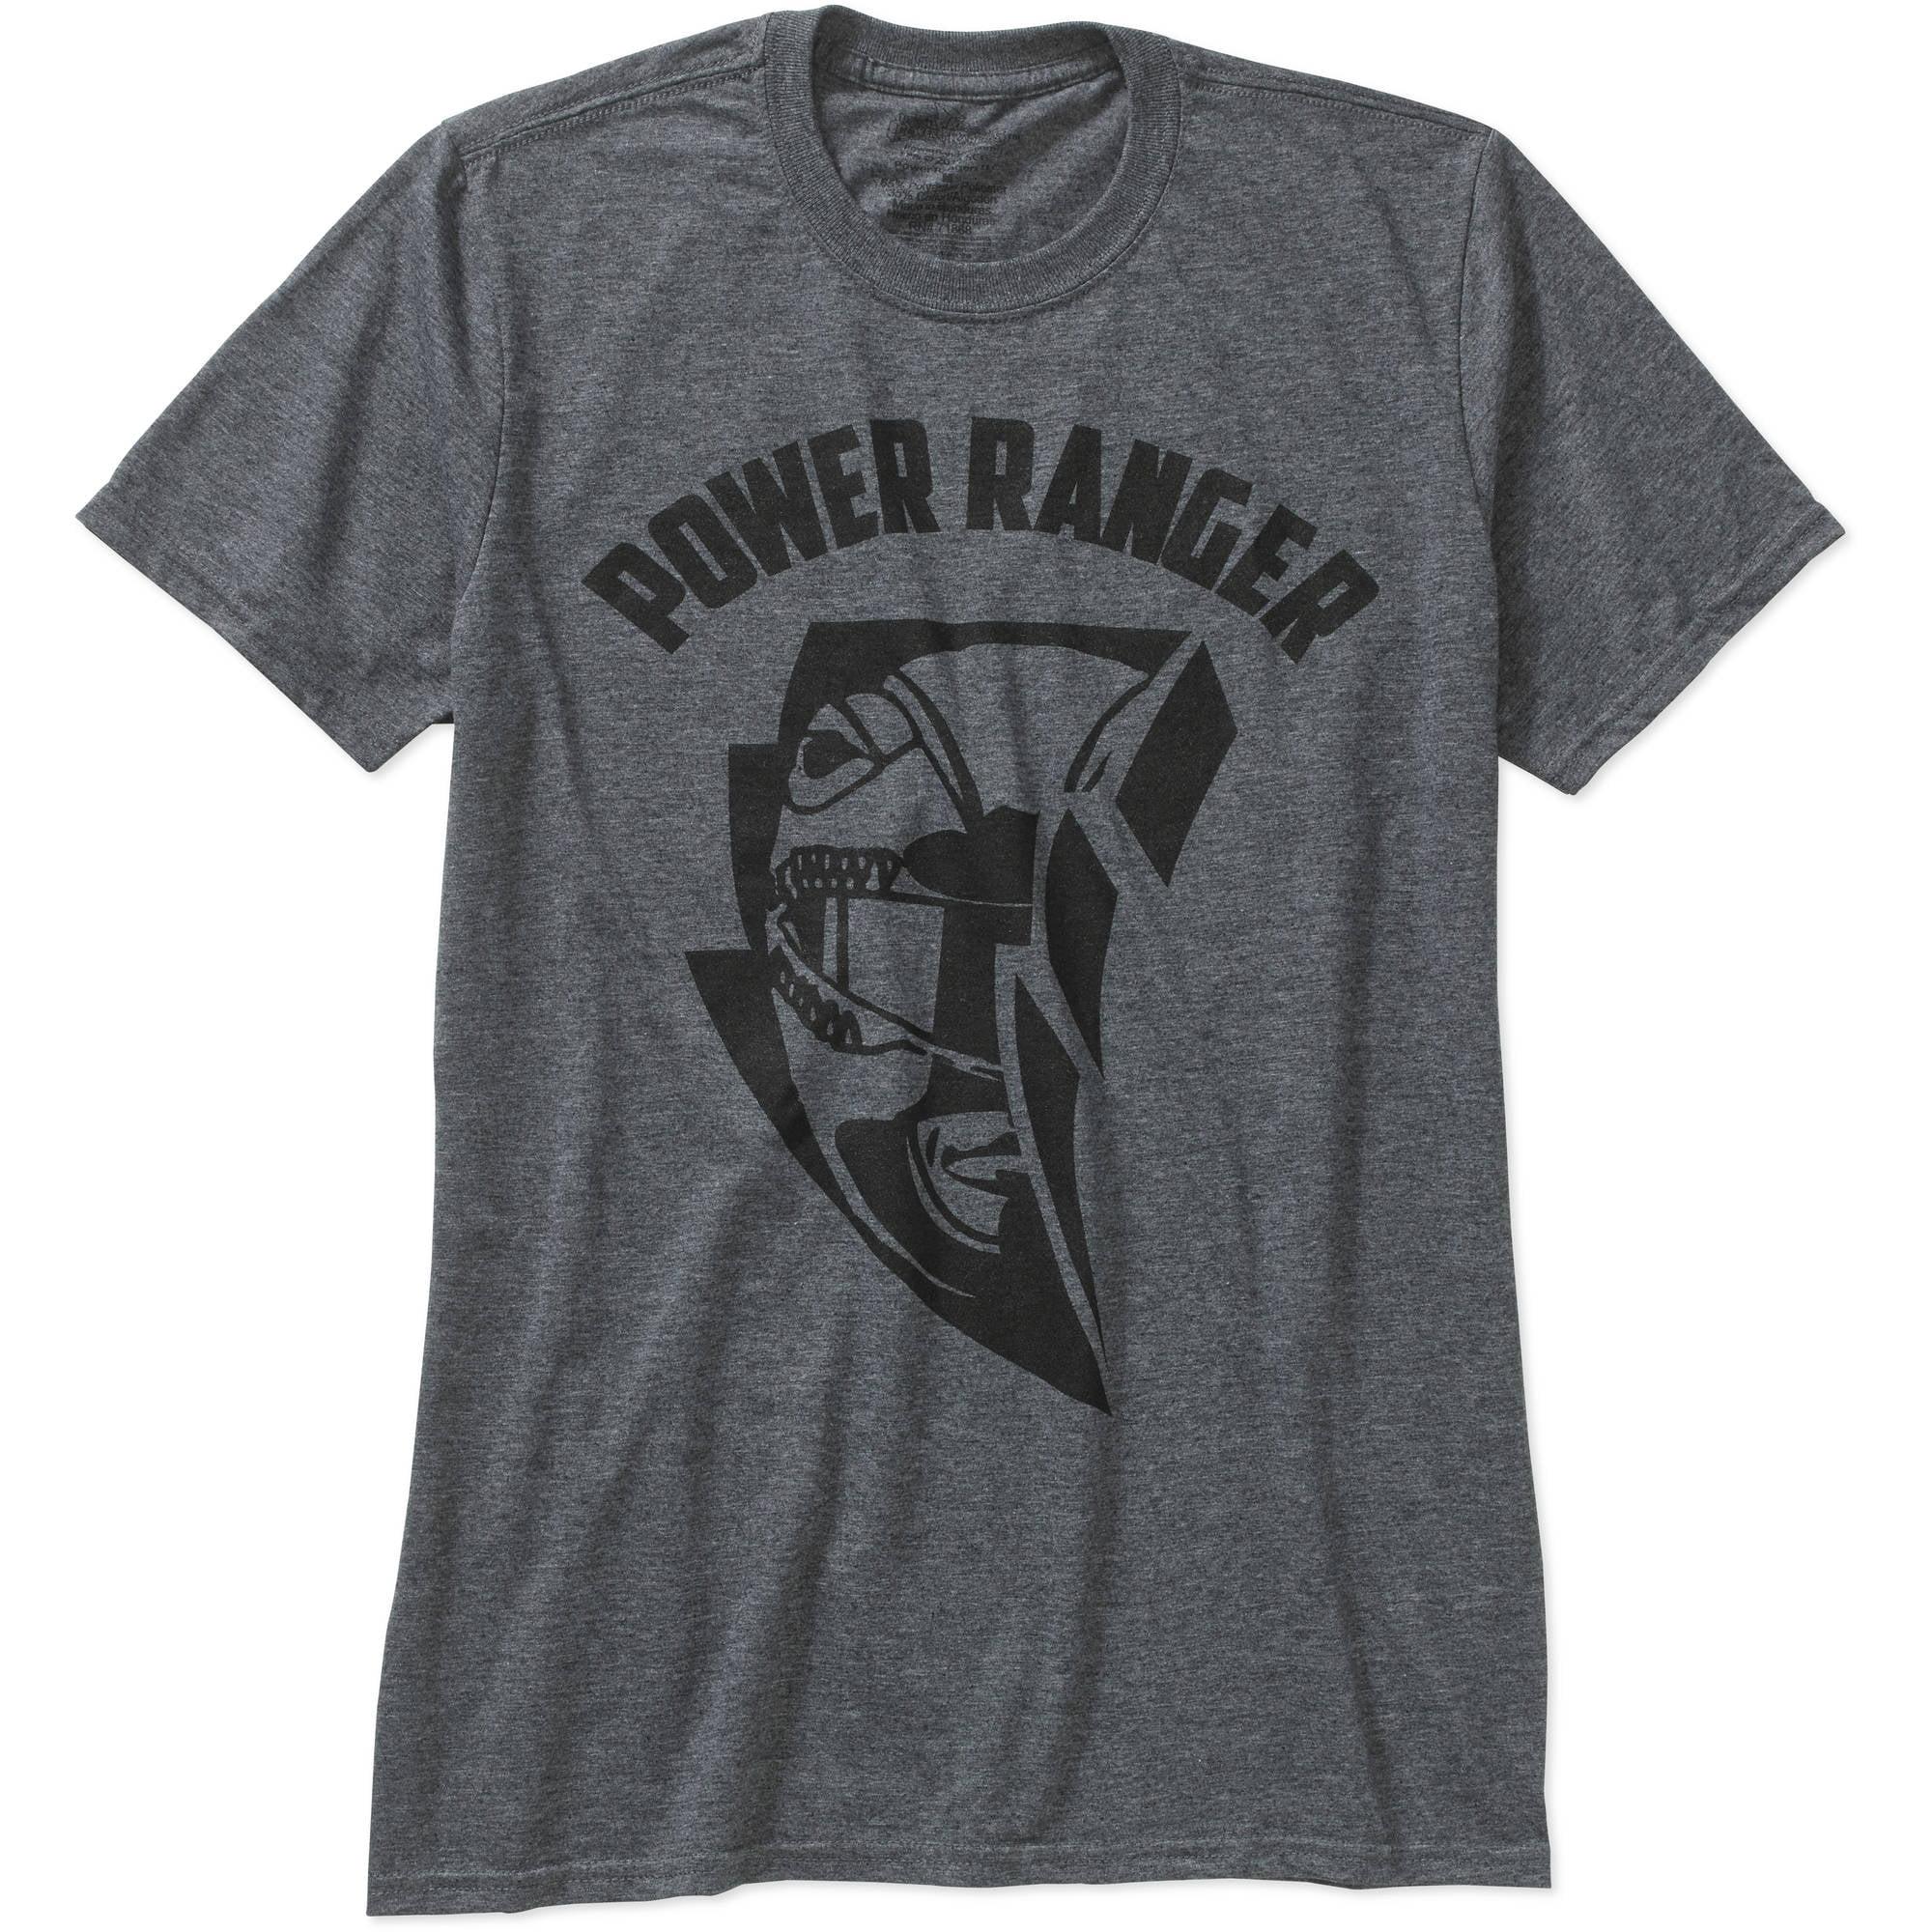 Power Rangers Men's Graphic Tee